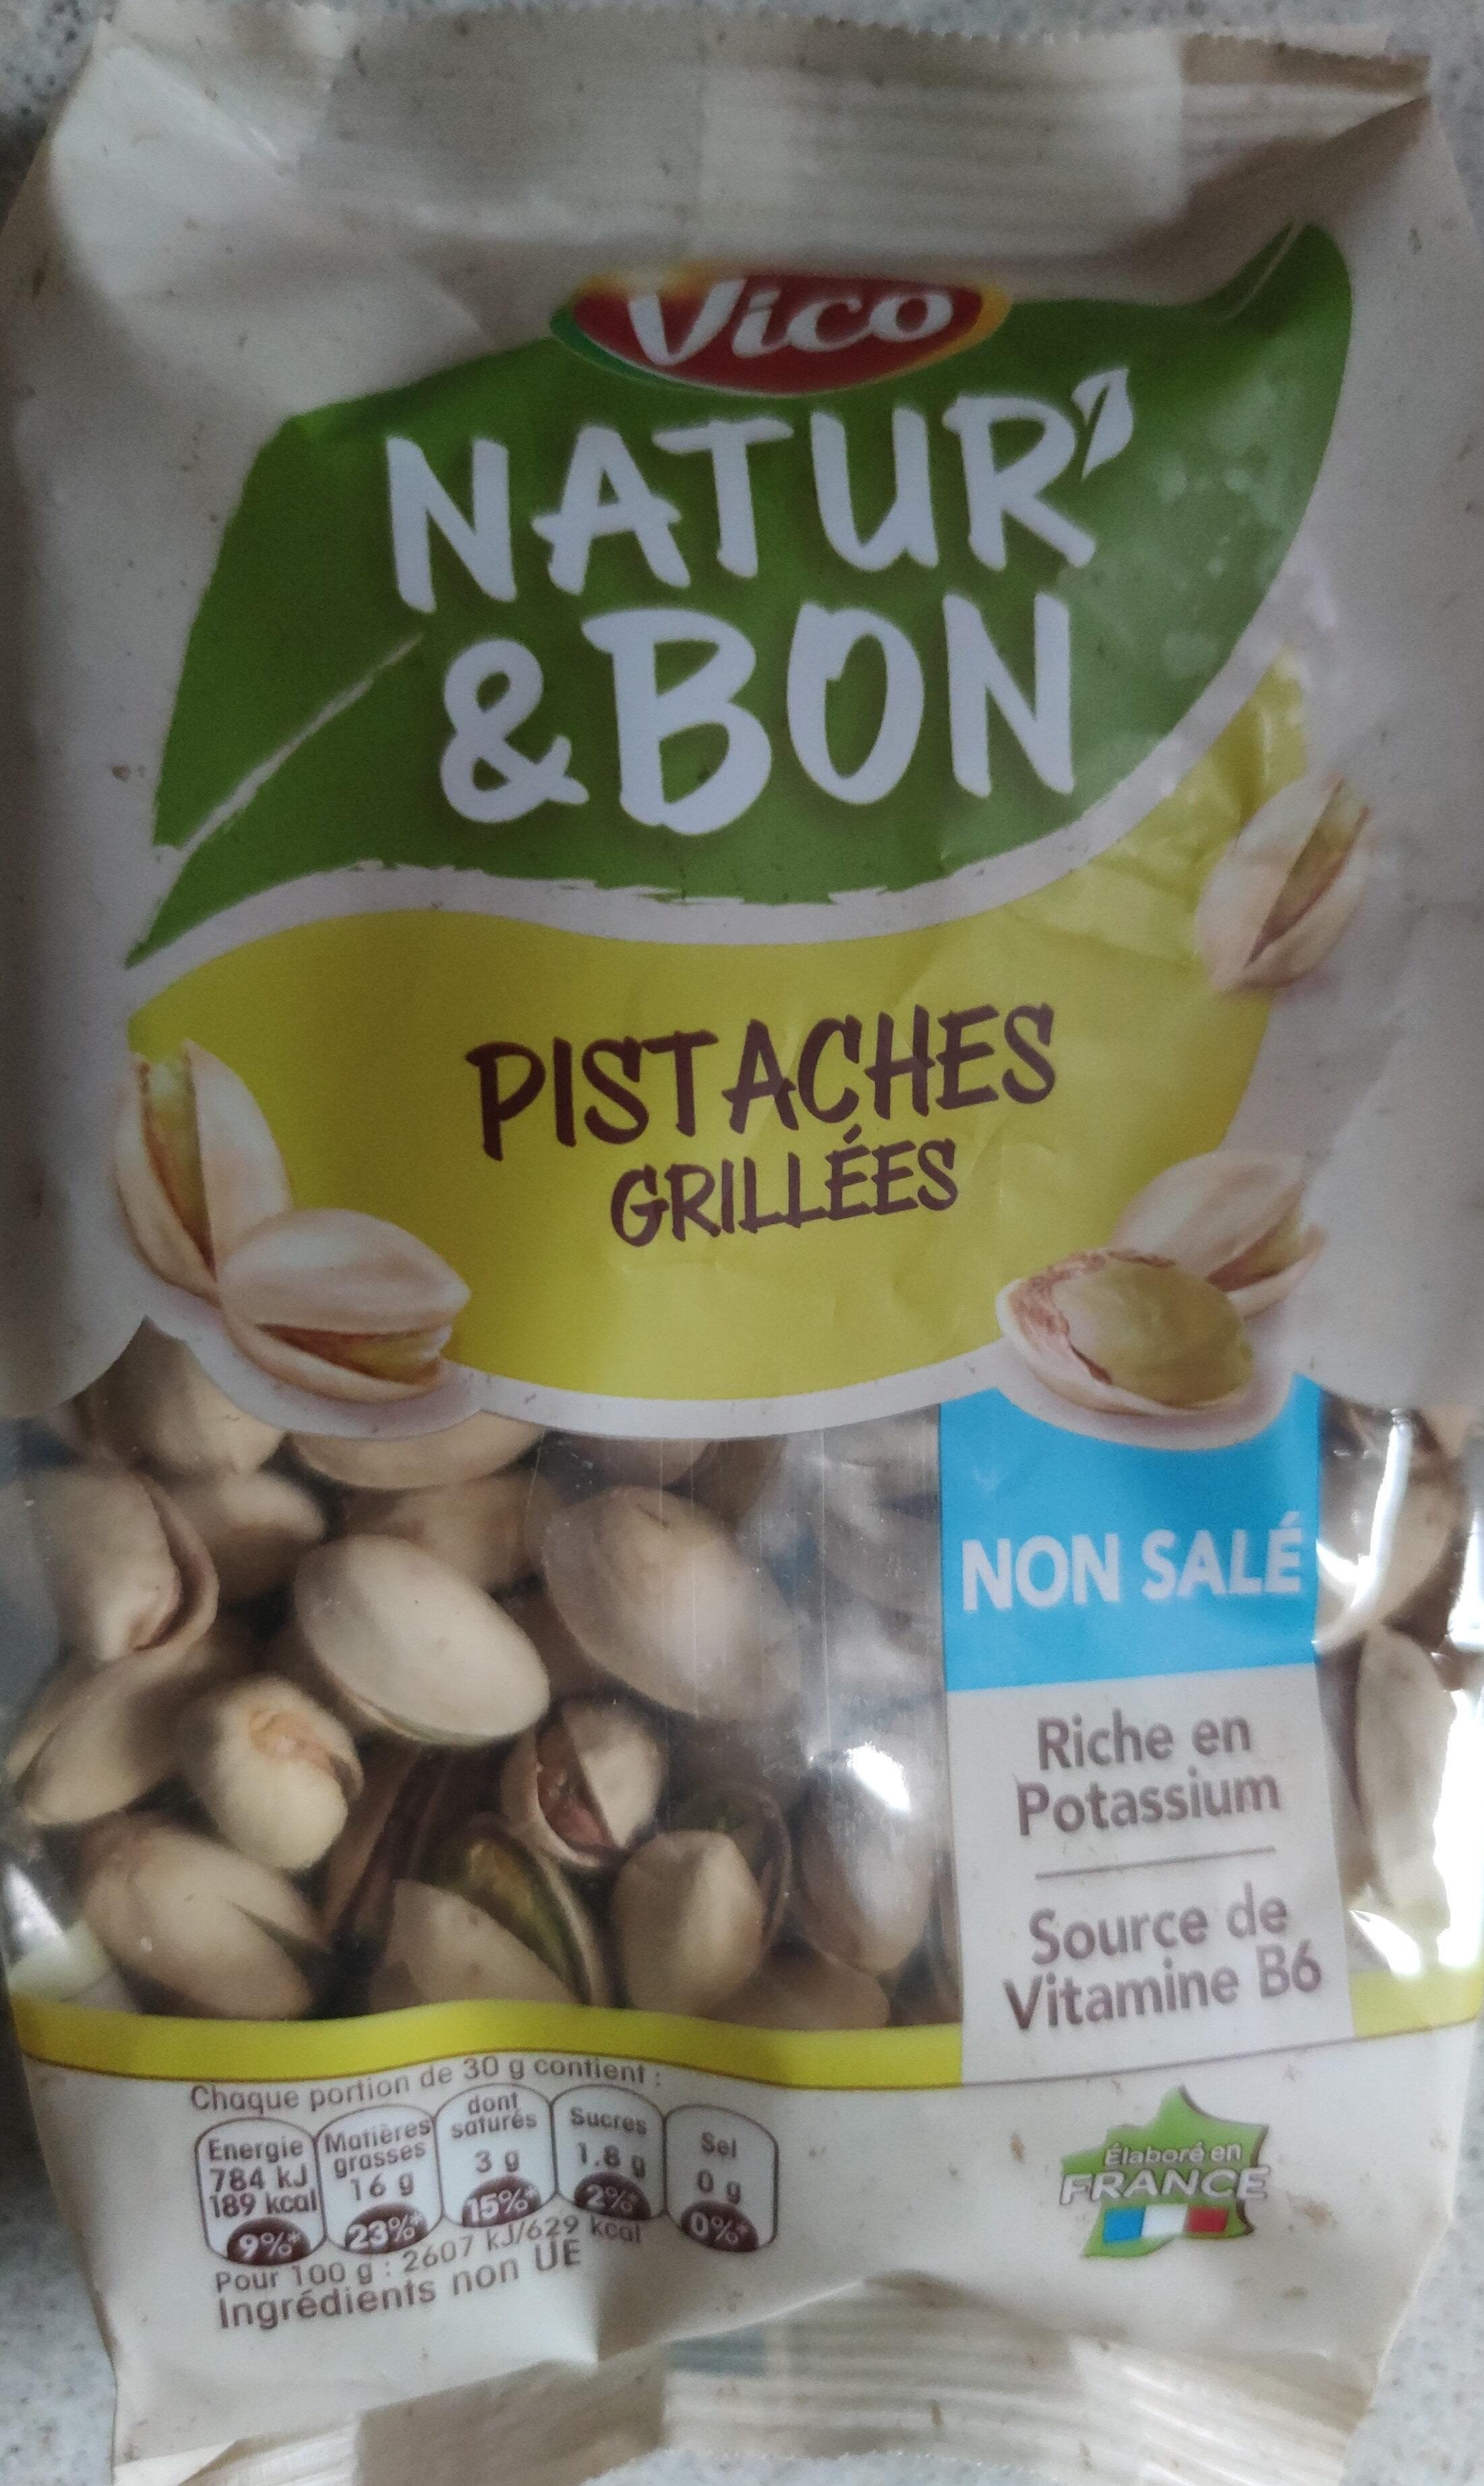 Pistaches grillées - Produit - fr